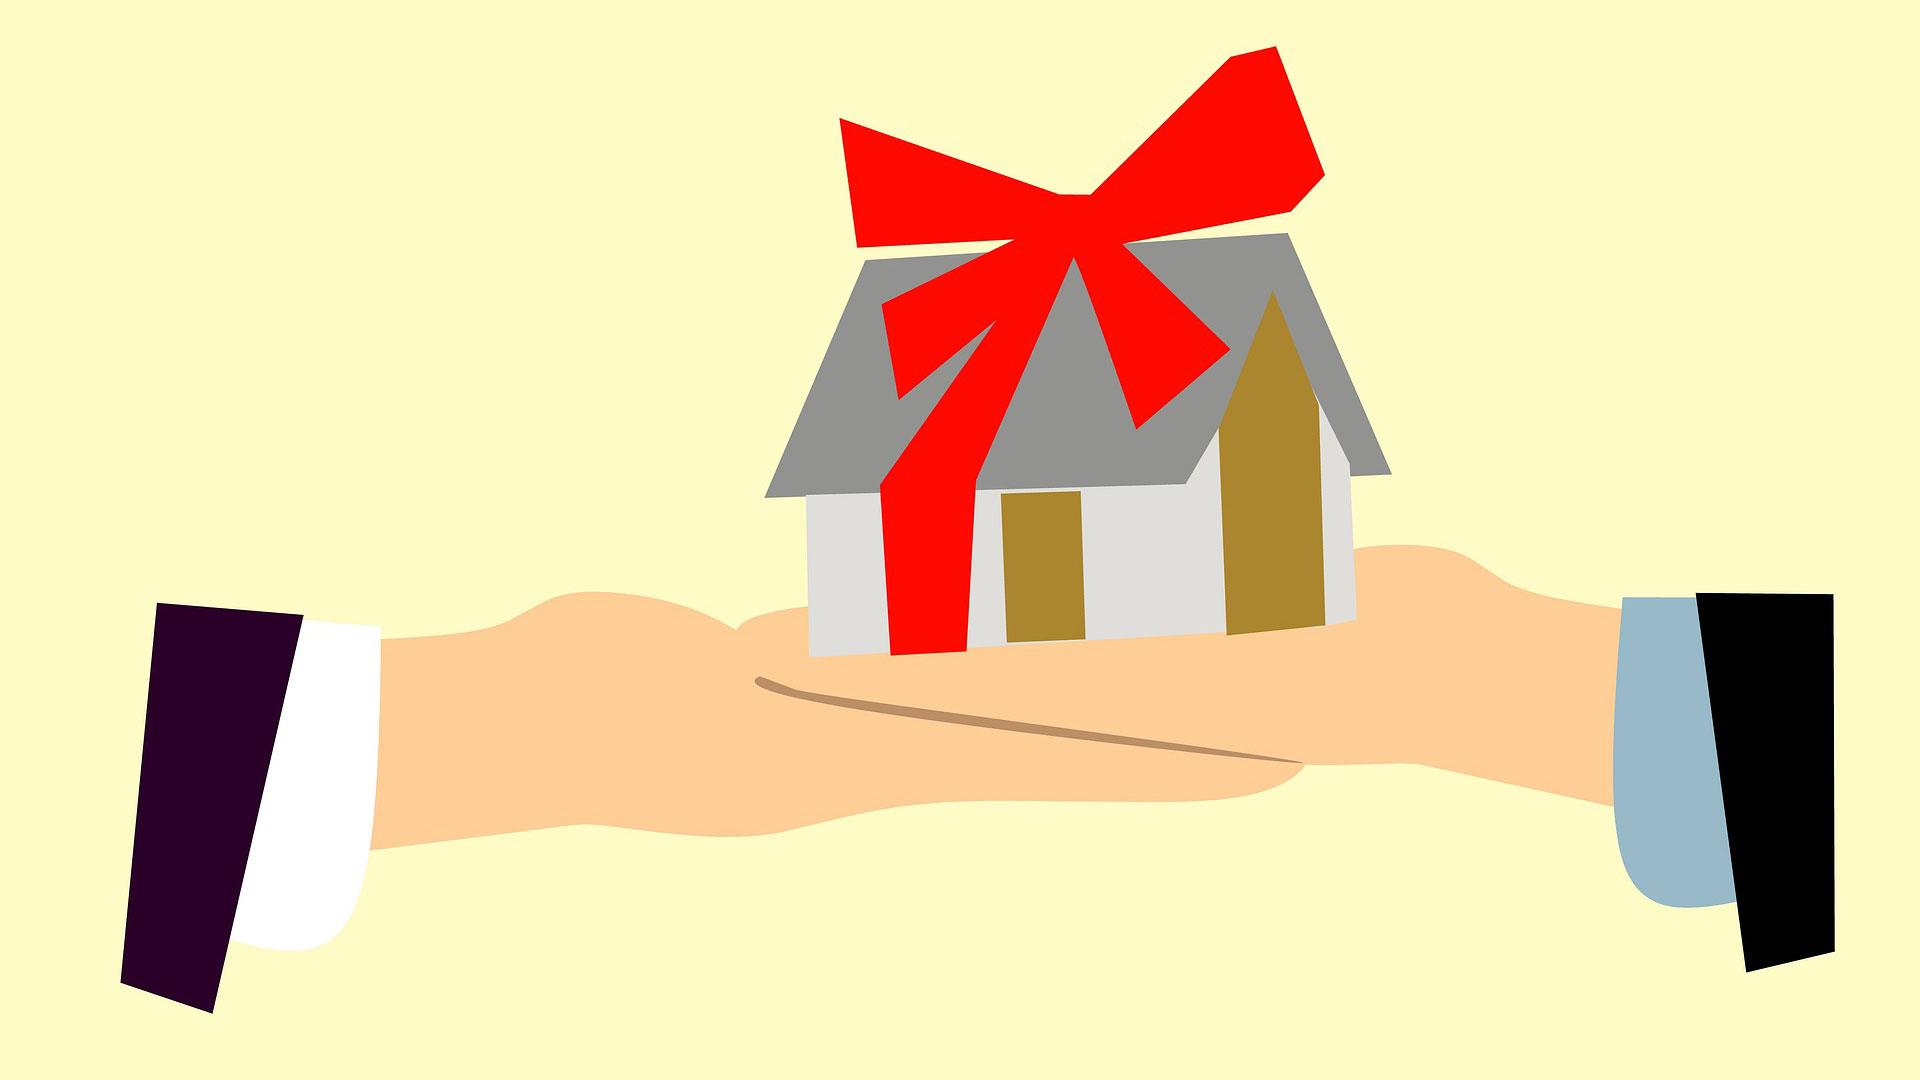 La donazione di immobili unycasa agenzia immobiliare - Donazione di un immobile ...